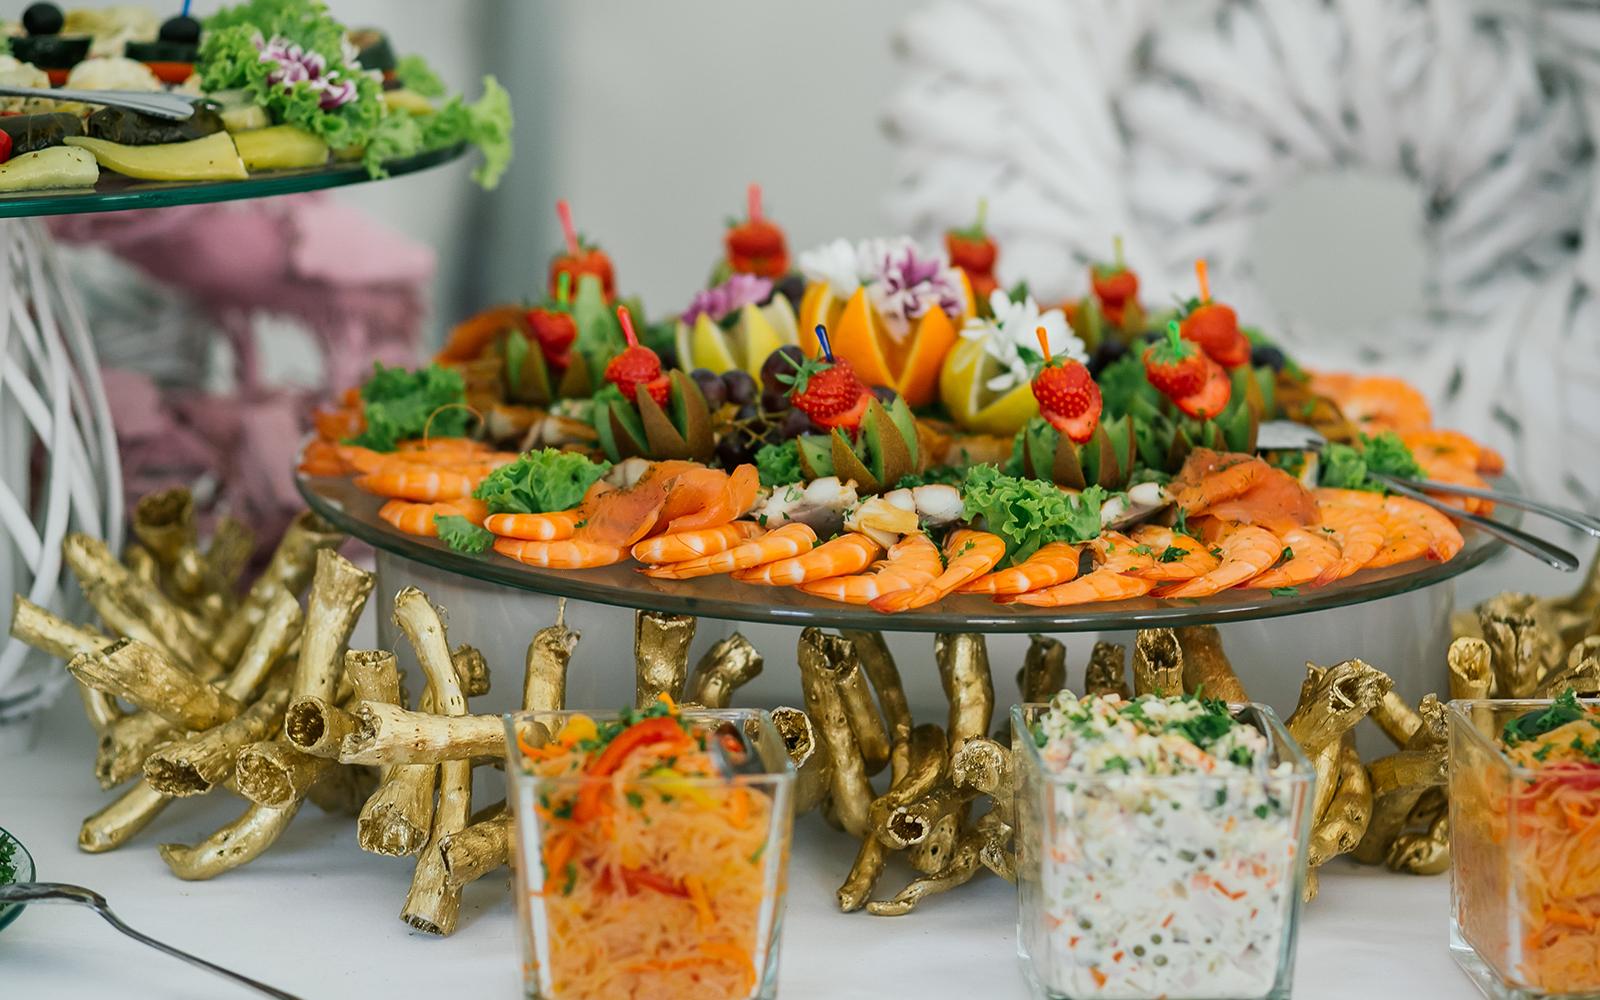 dei gamberi, decorazioni con frutta e verdura e altri antipasti